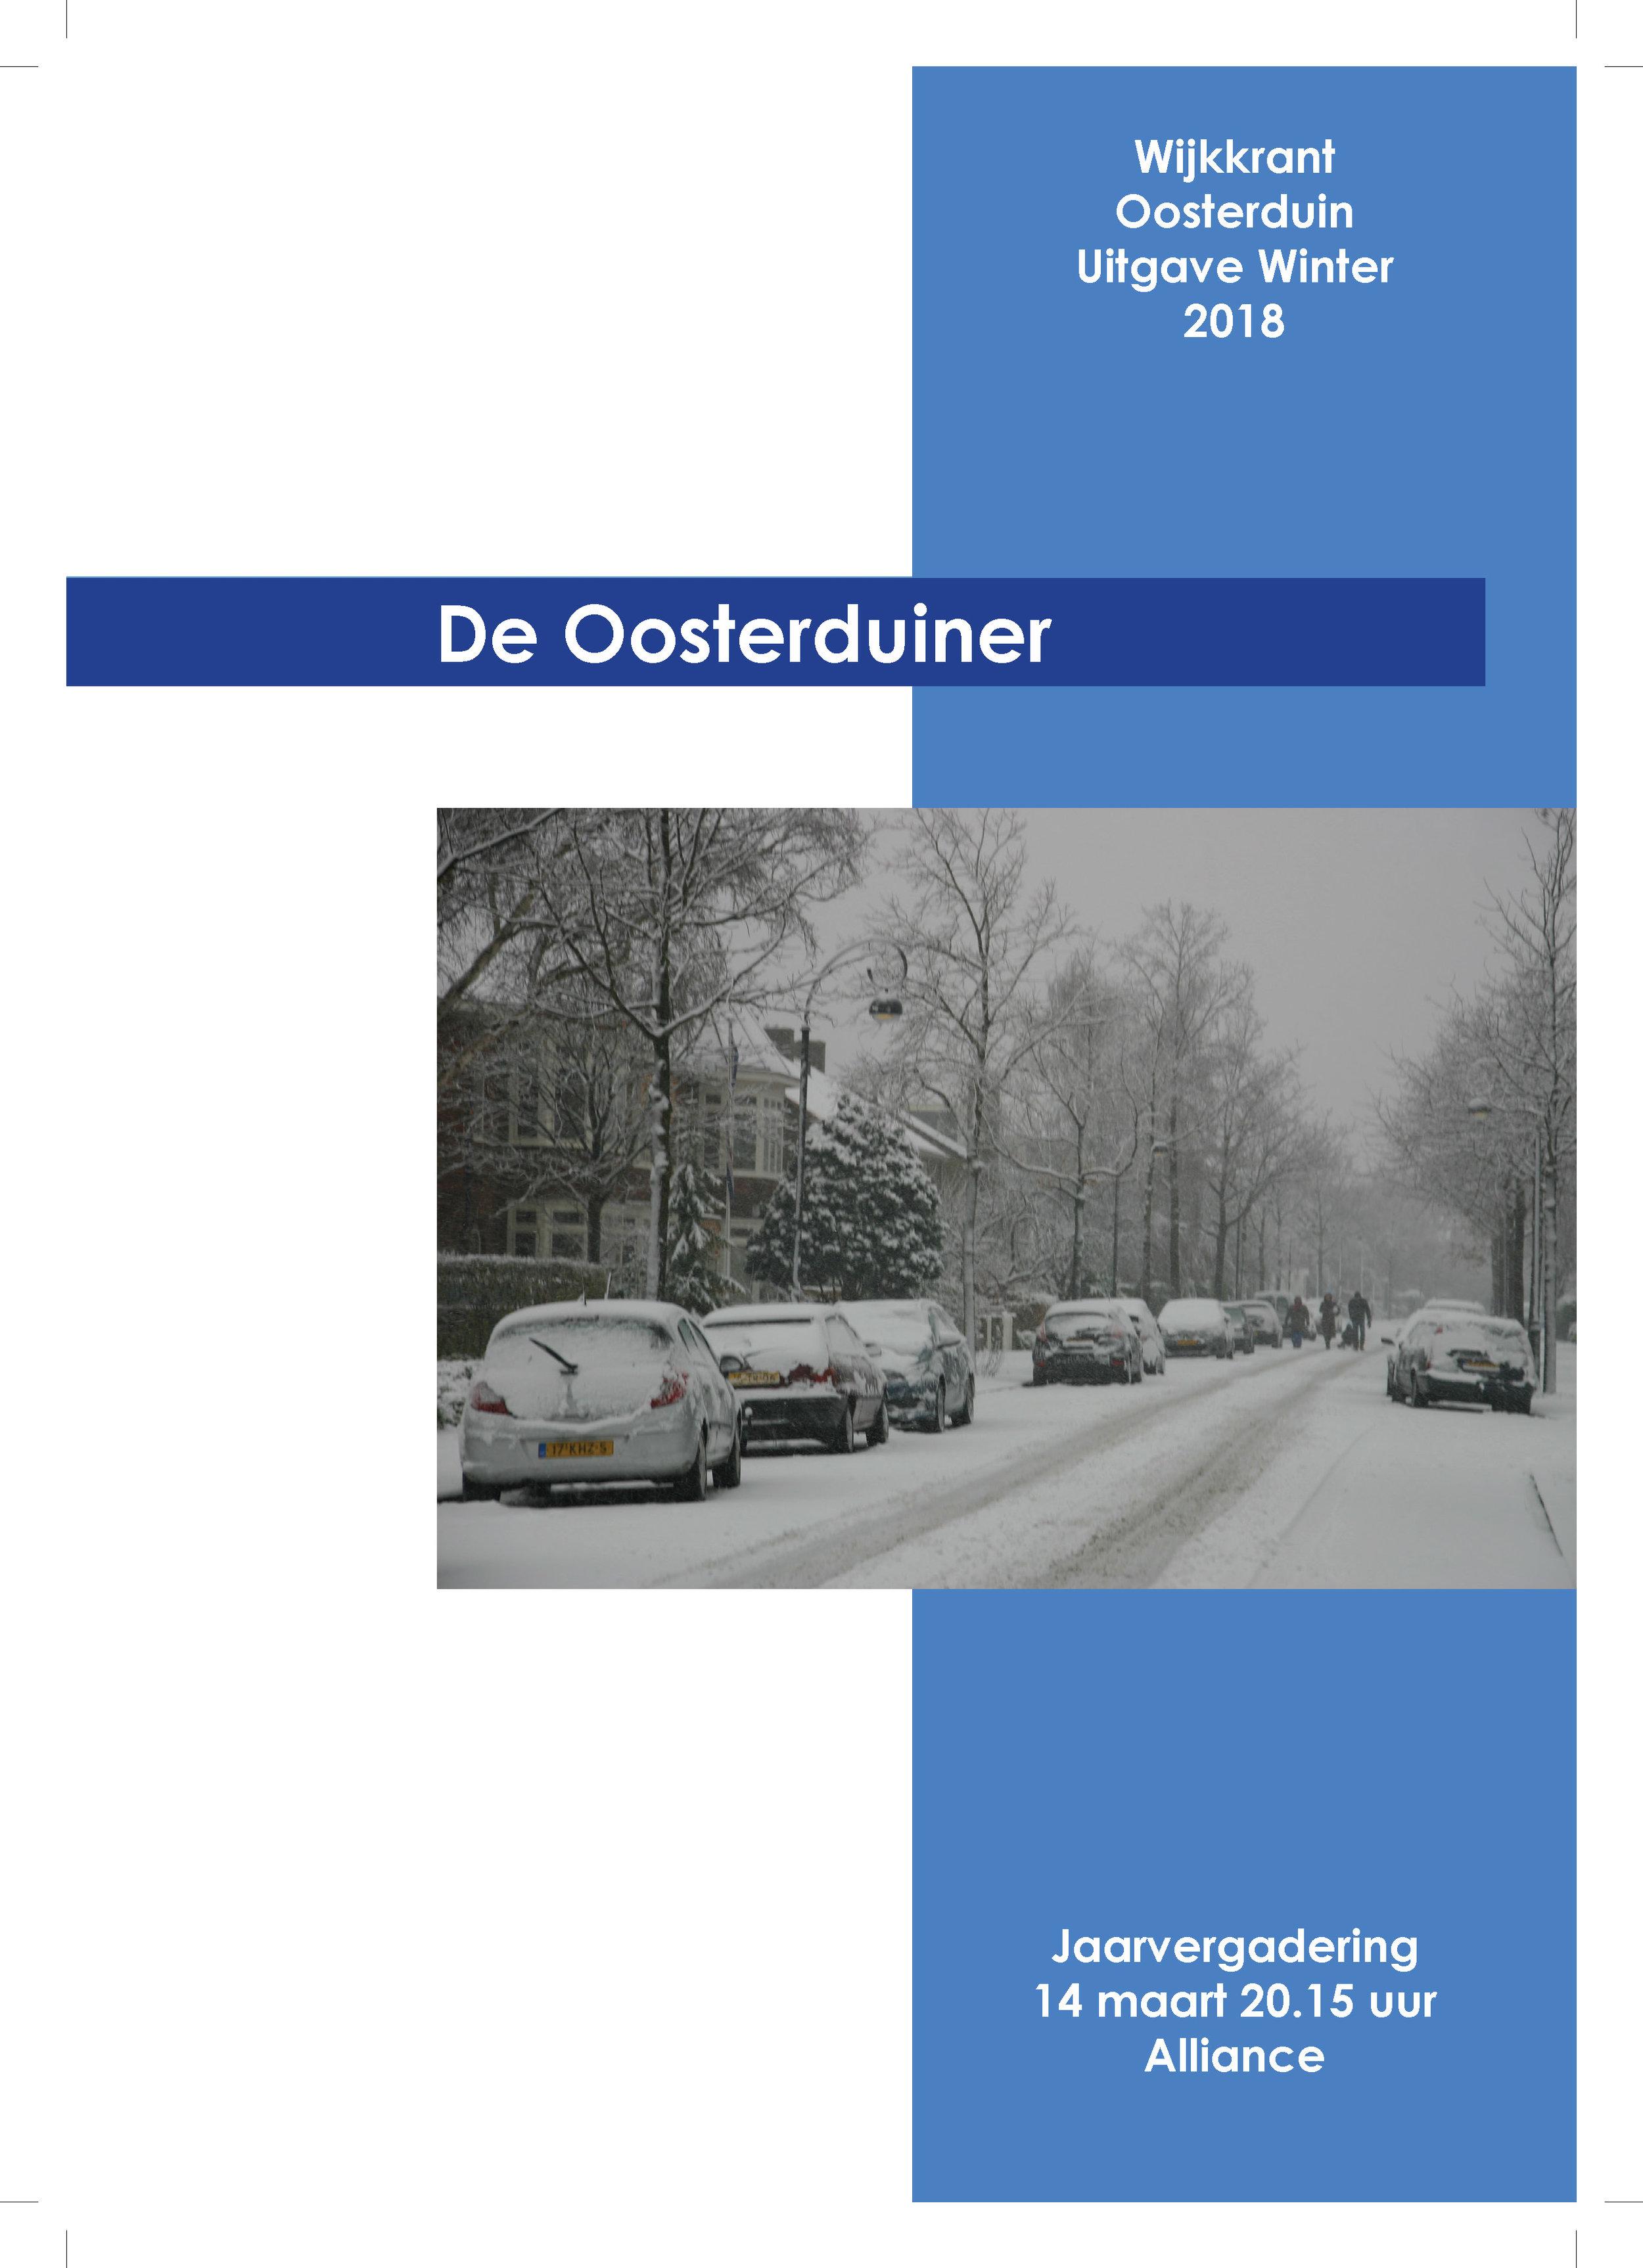 Wijkkrant winter 2018 - Wijkkrant Oosterduinkwartier - Uitgave Winter 2018